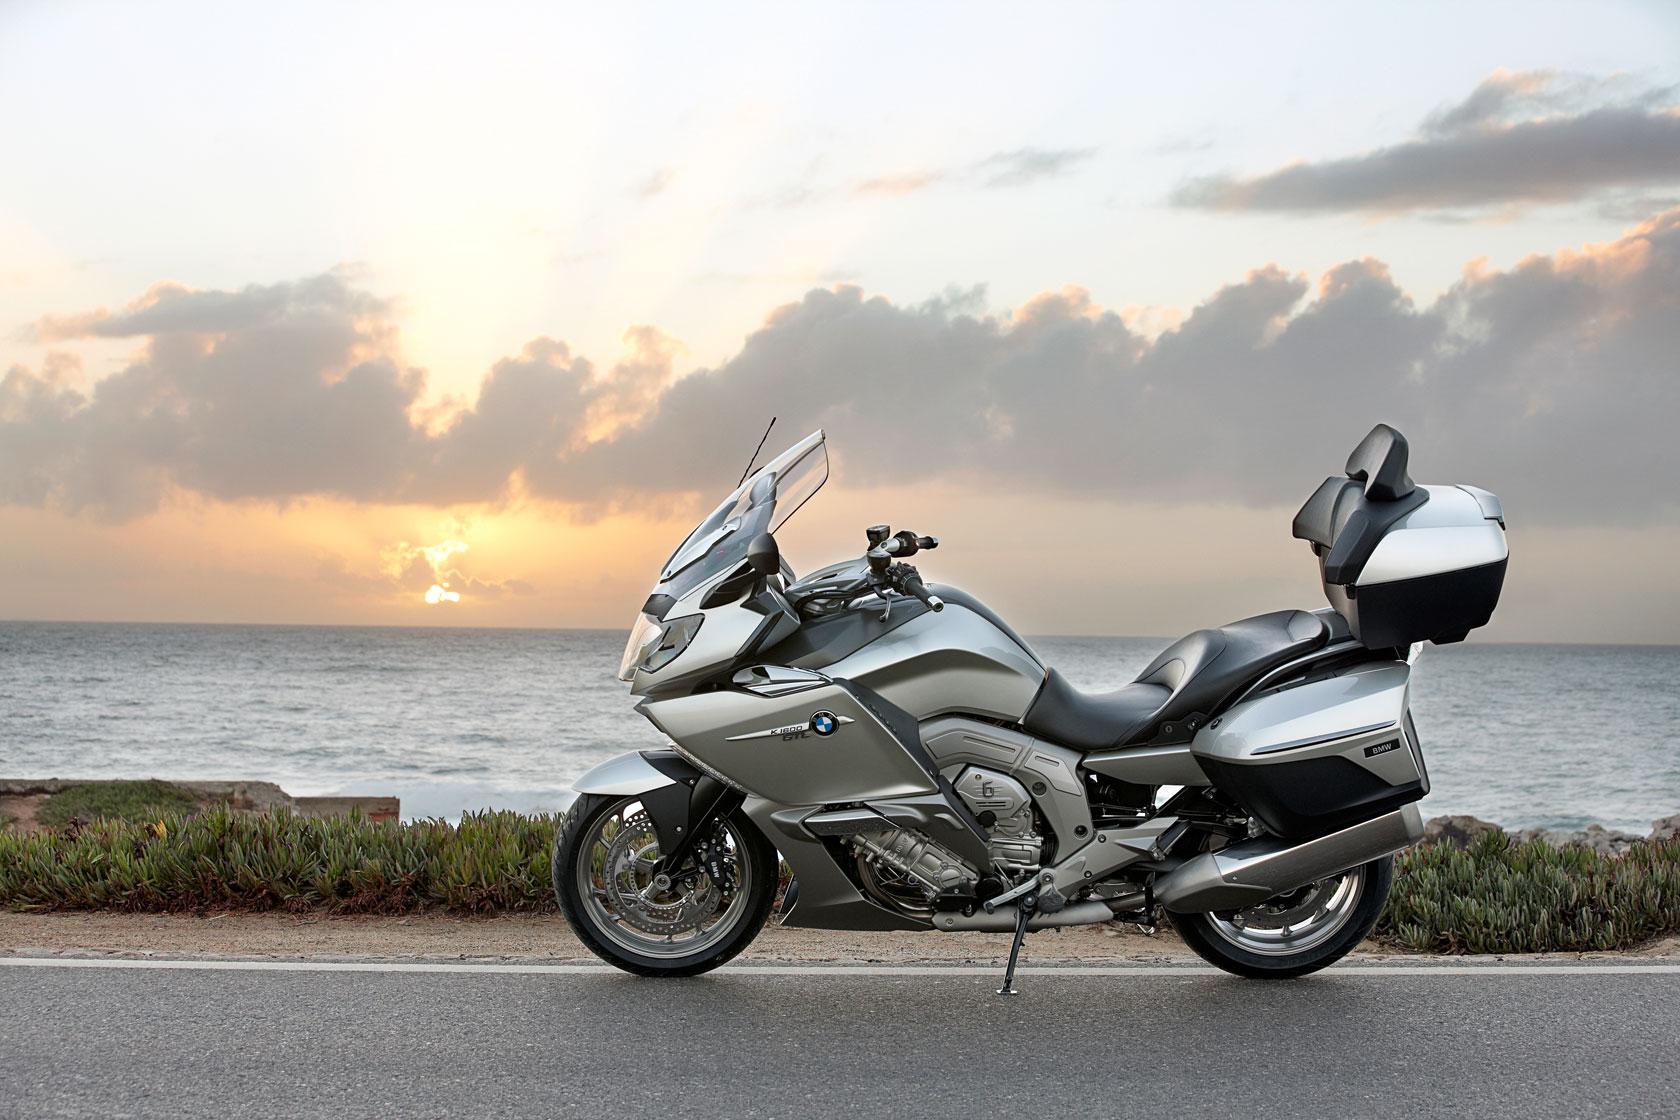 2011 BMW K1600GTL wallpaper | 1680x1120 | 89898 | WallpaperUP